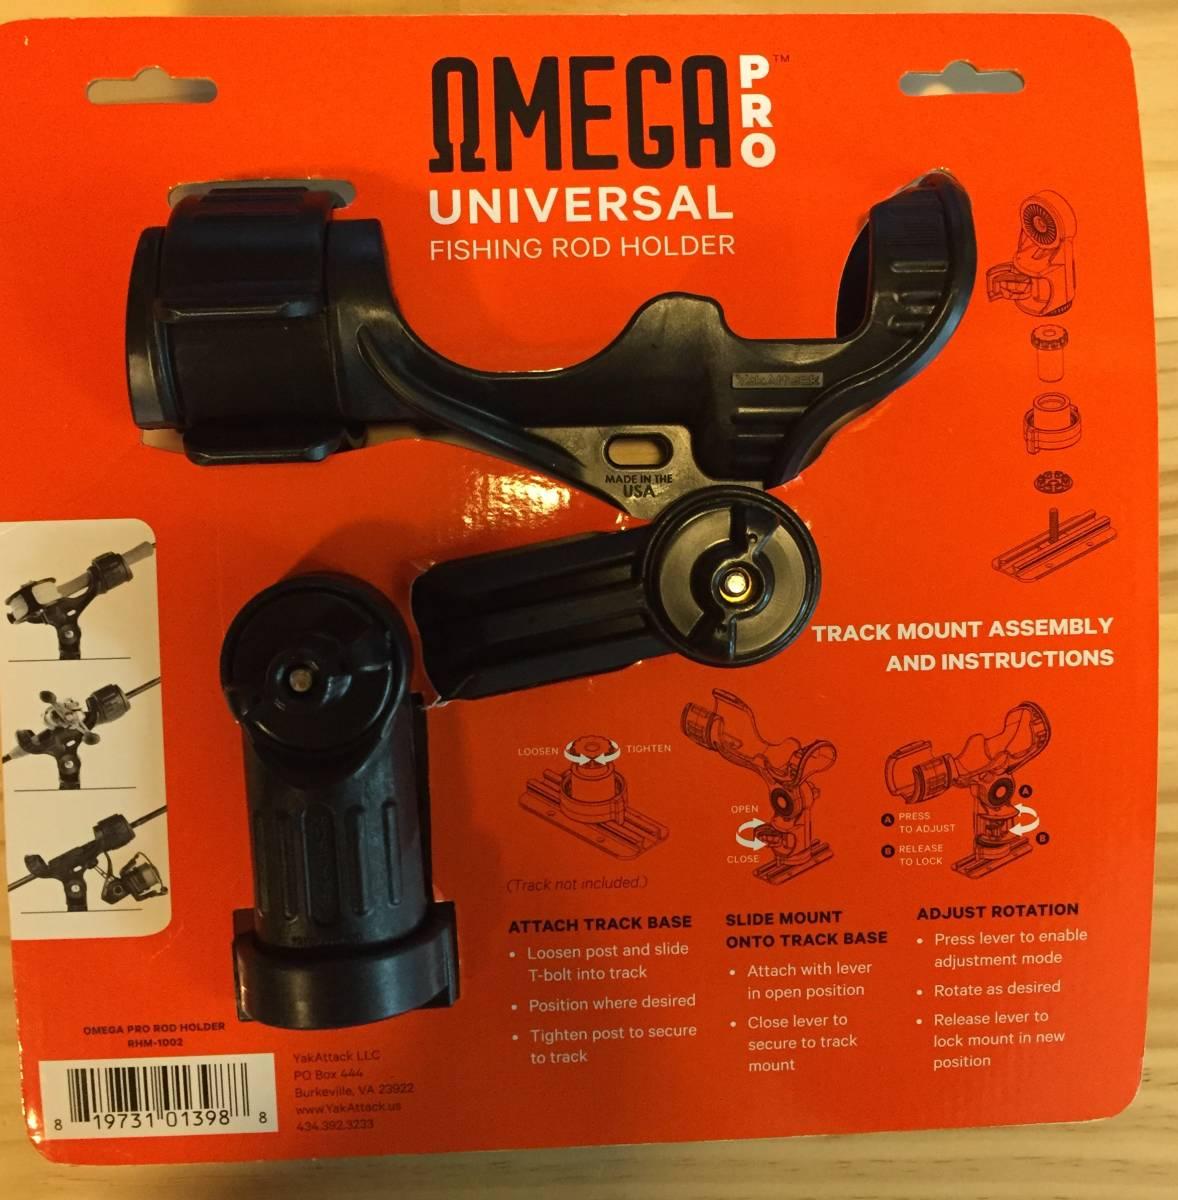 Yak Attack omega pro universal fishing rod holder ヤックアタック オメガプロ ロッドホルダー カヤック ボート フィッシング_画像2